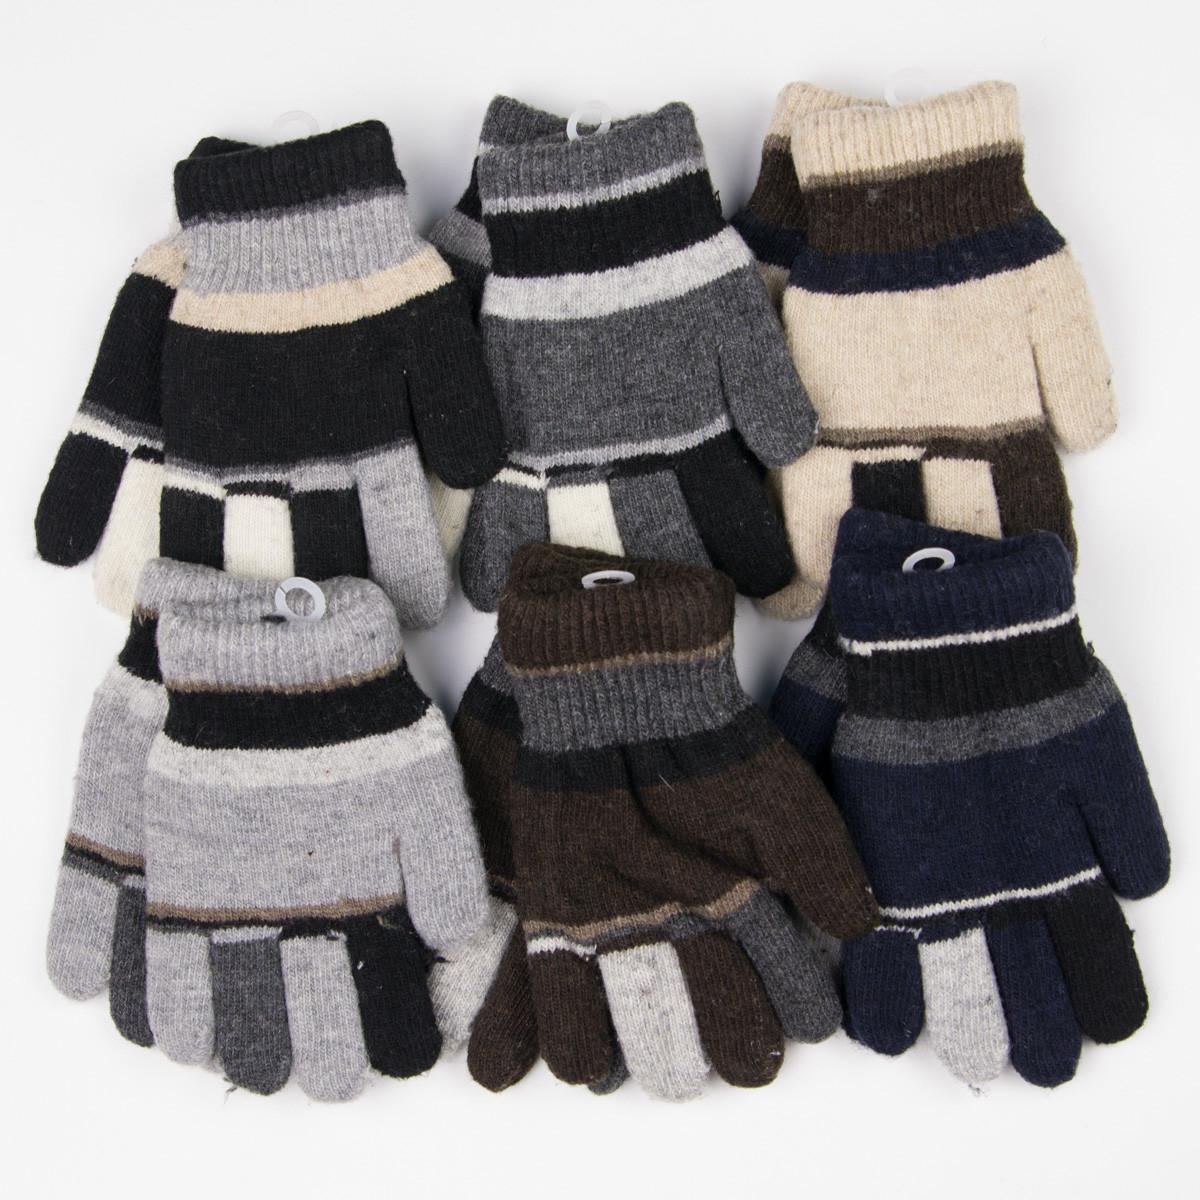 Перчатки детские для мальчика двойные 3-5 лет - разные цвета - 14-5-22